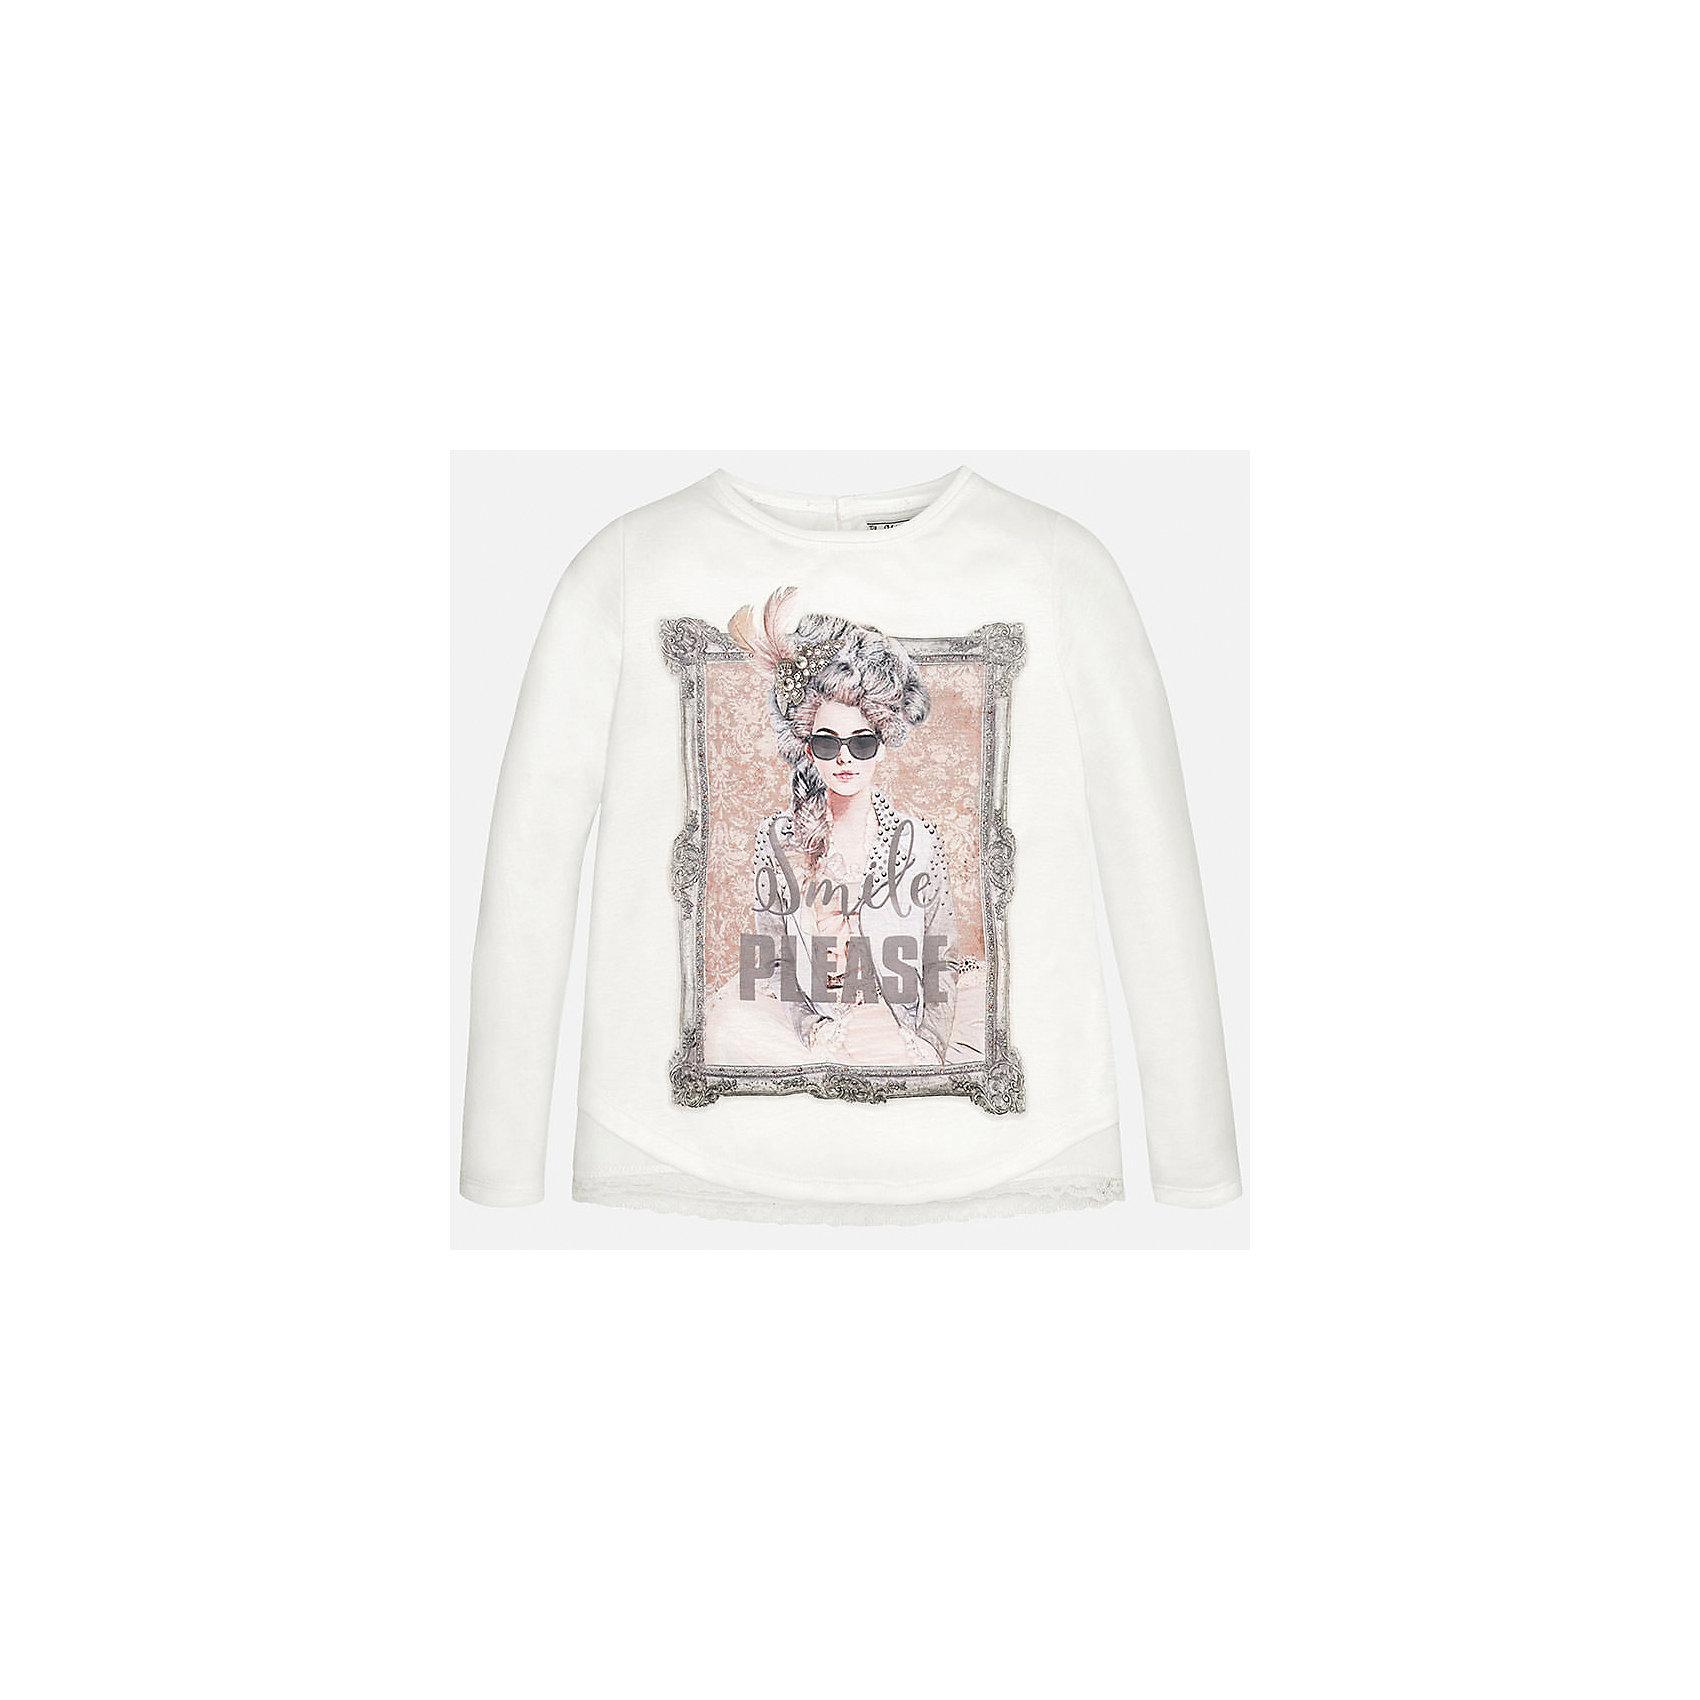 Футболка для девочки MayoralФутболка для девочки от известного испанского бренда Mayoral(Майорал). Модель с длинным рукавом выполнена из качественных прочных материалов, застегивается на пуговицу сзади и украшена принтом и кружевными полосками на подоле и на спине. Великолепный вариант на каждый день!<br>-длинные рукава<br>-украшена принтом<br>-цвет: белый<br>-состав: 100% вискоза<br>Футболку для девочки Mayoral(Майорал) вы можете приобрести в нашем интернет-магазине.<br><br>Ширина мм: 199<br>Глубина мм: 10<br>Высота мм: 161<br>Вес г: 151<br>Цвет: бежевый<br>Возраст от месяцев: 96<br>Возраст до месяцев: 108<br>Пол: Женский<br>Возраст: Детский<br>Размер: 128/134,158/164,134/140,146/152,152/158,164/170<br>SKU: 4844693